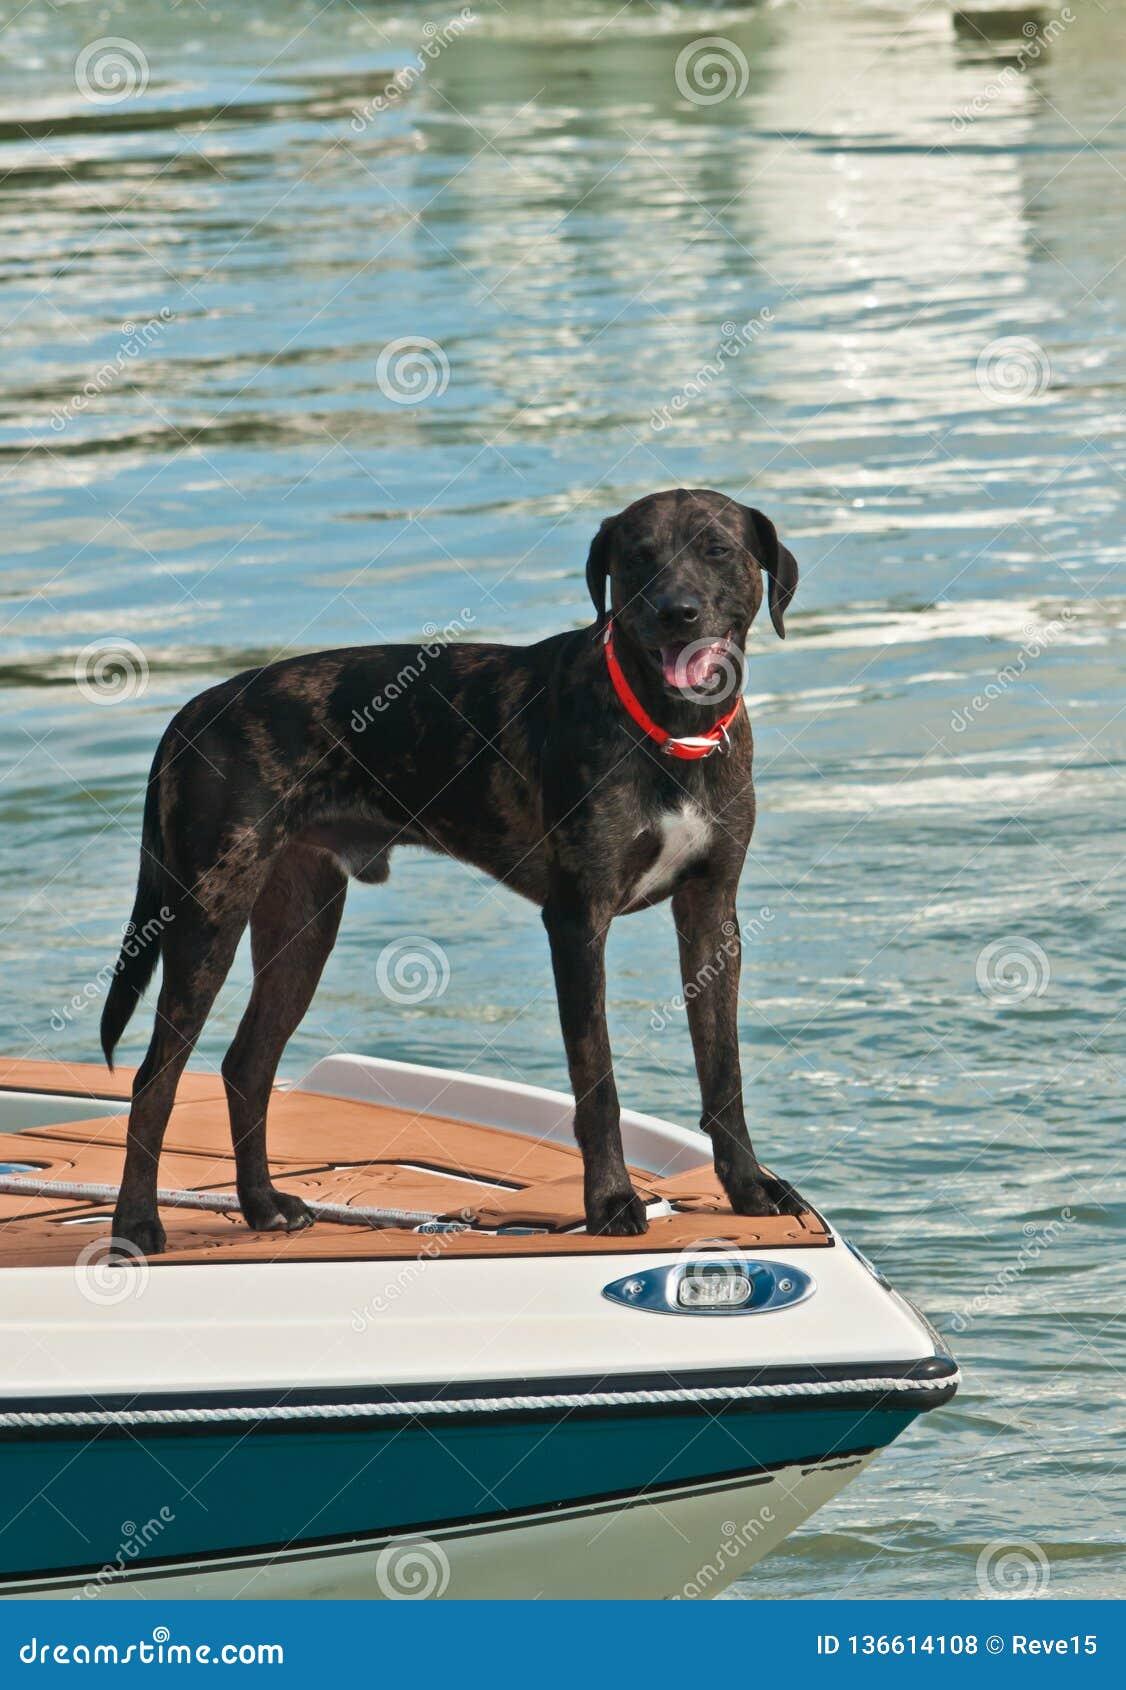 Σκυλί που στέκεται στο τόξο ενός powerboat σε μια τροπική μαρίνα